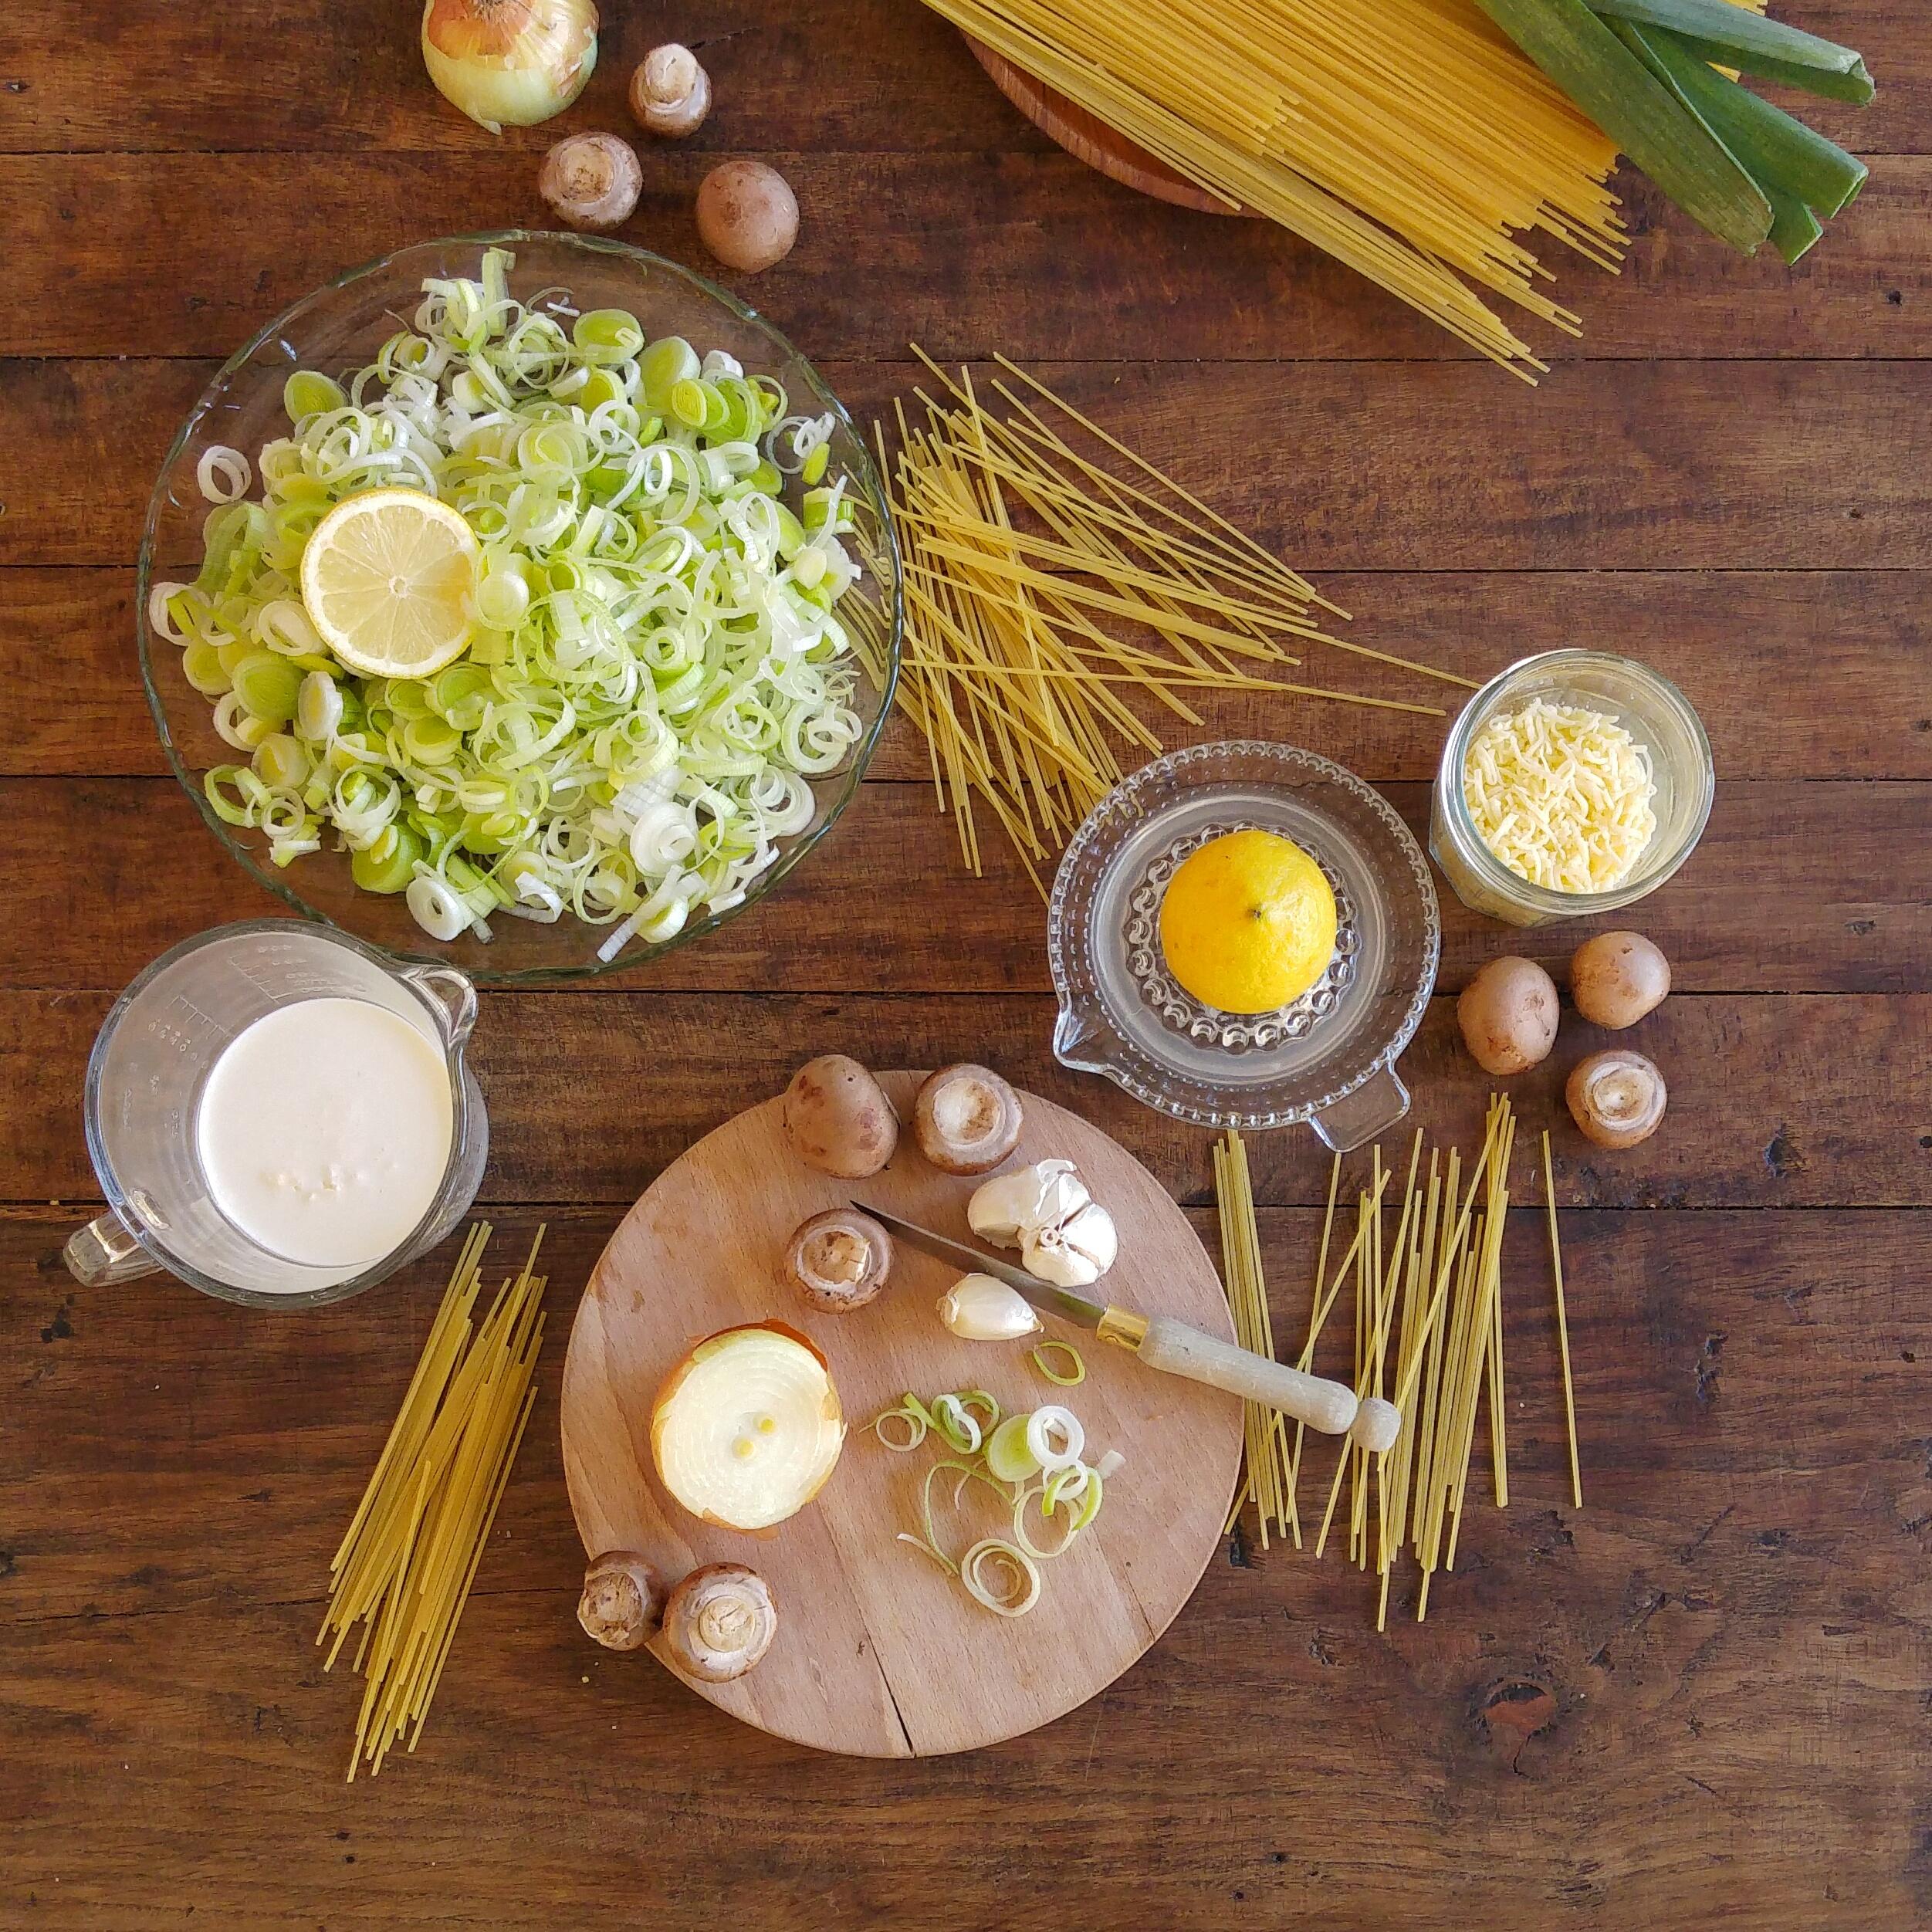 eenpans-prei-pasta-met-kastanje-champginons